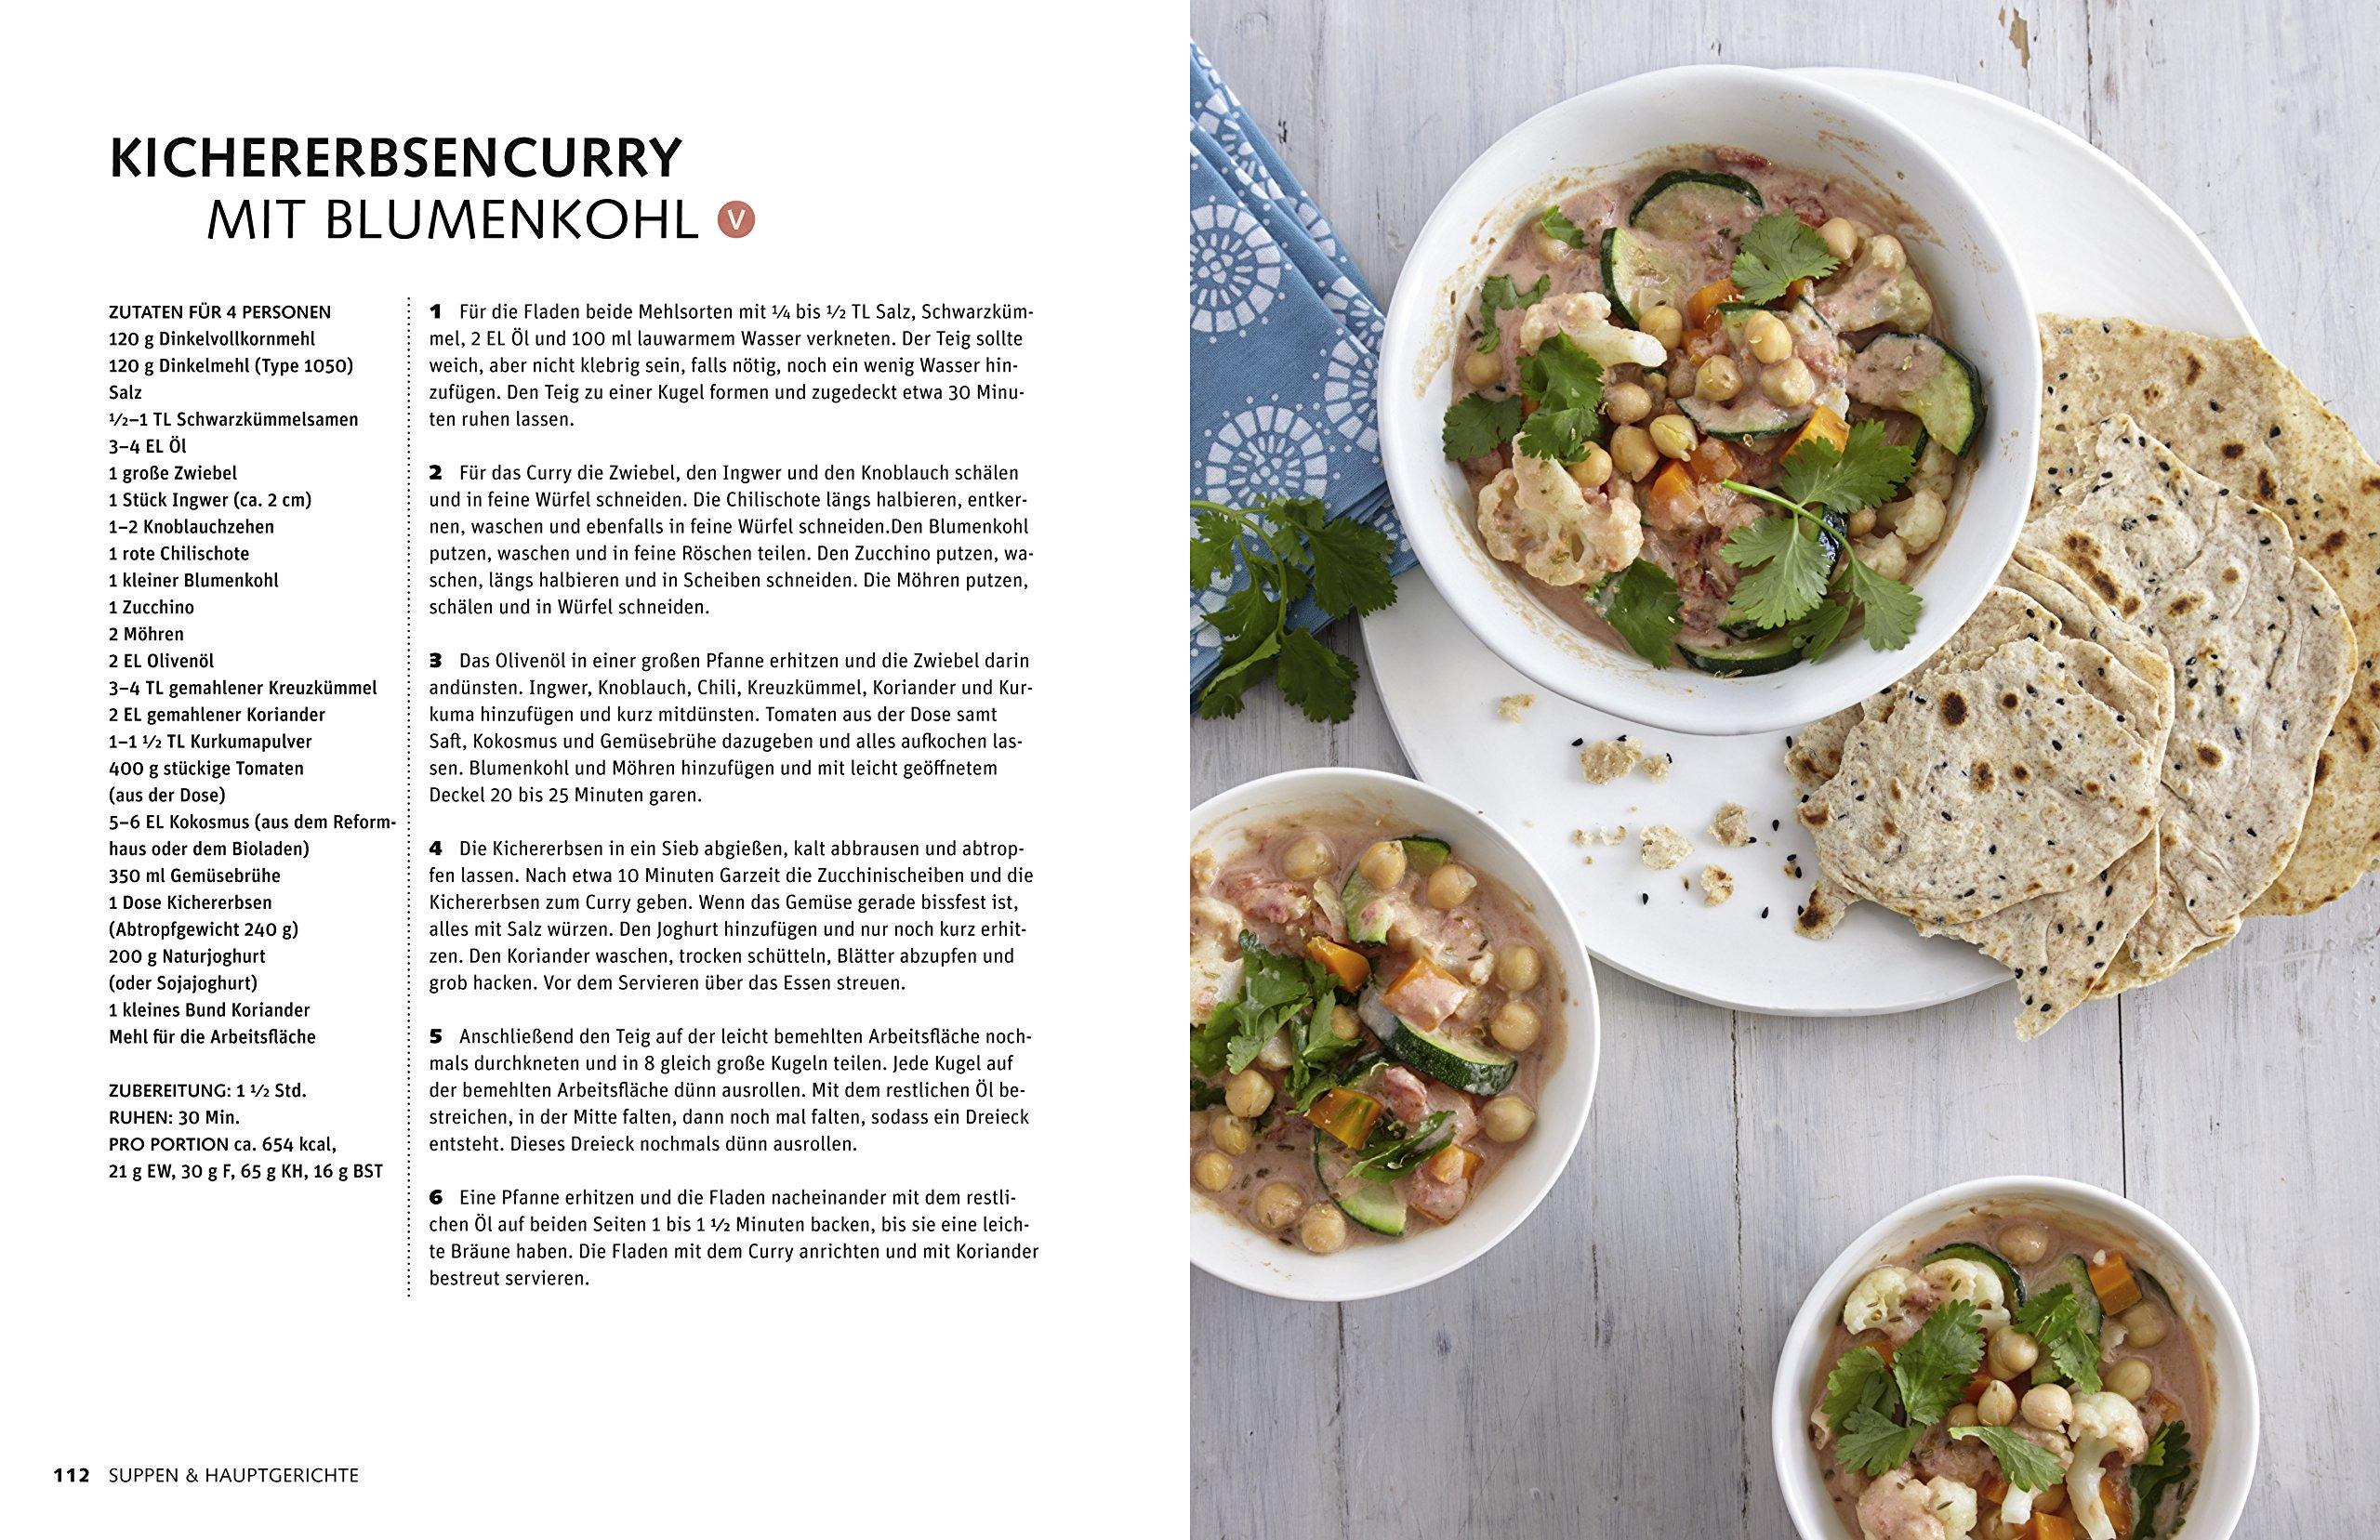 Servieren Sie das Curry, um Gewicht zu verlieren